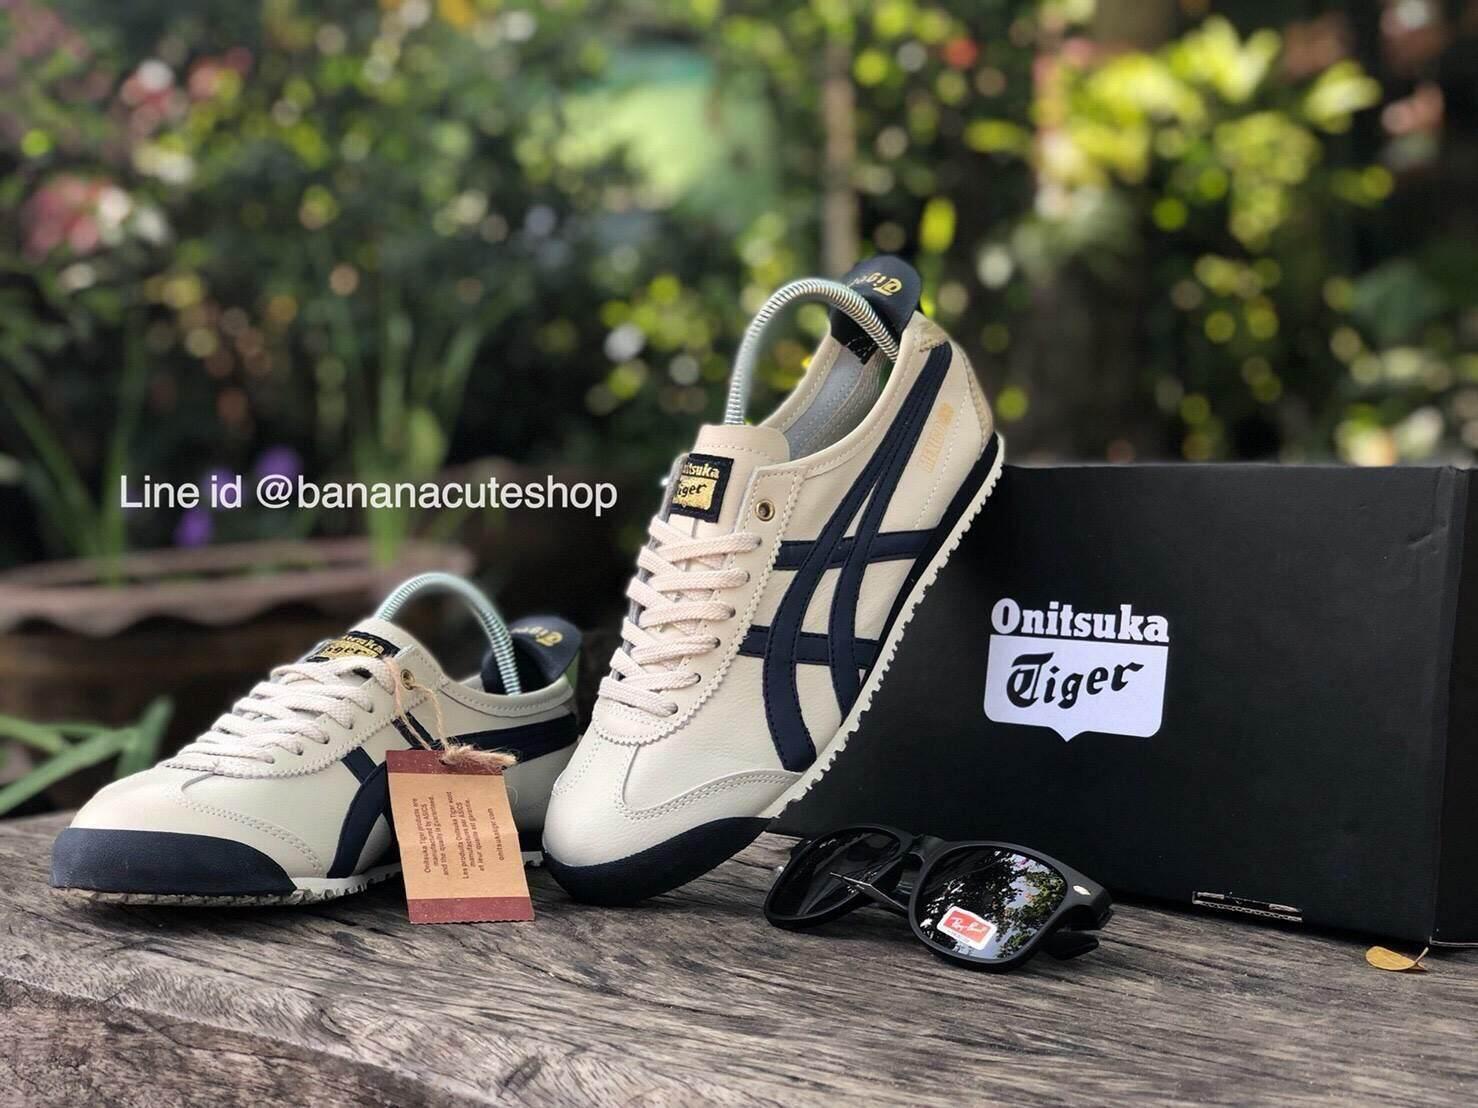 Onitsuka Tiger Mexcio66. วัสดุหนังPU รองเท้าผ้าใบ โอนิซึกะ รองเท้าโอนิซึกะ onisuka tiger รองเท้าโอนิซึกะรุ่นขายดี รองเท้าราคาถูก รองเท้าผู้ชาย รองเท้าผู้หญิง รองเท้าใส่เที่ยว ร้านขายรองเท้าราคาถูก รองเท้ามาใหม่2019